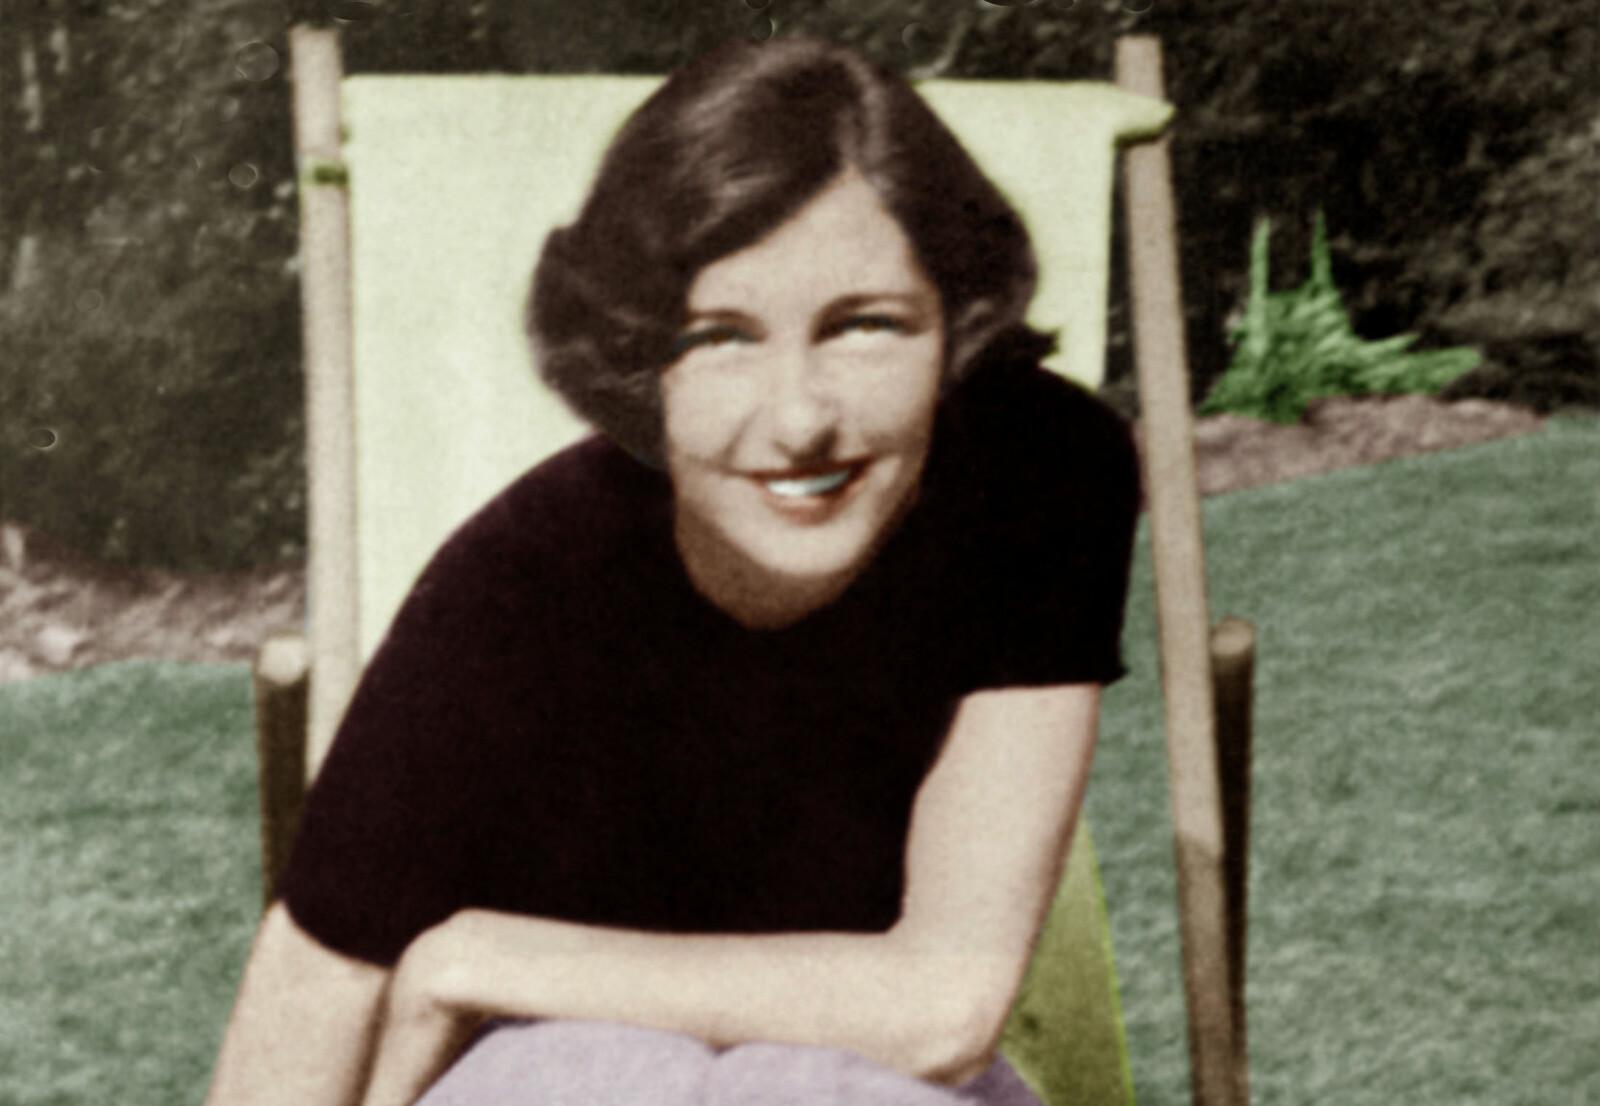 <b>FARLIG:</b>Grevinne Maria Krystyna Janina Skarbek med dekknavnet Christine Granville var agenten som fikk engelskmennene til å oppdage at kvinner egnet seg for spionasje.